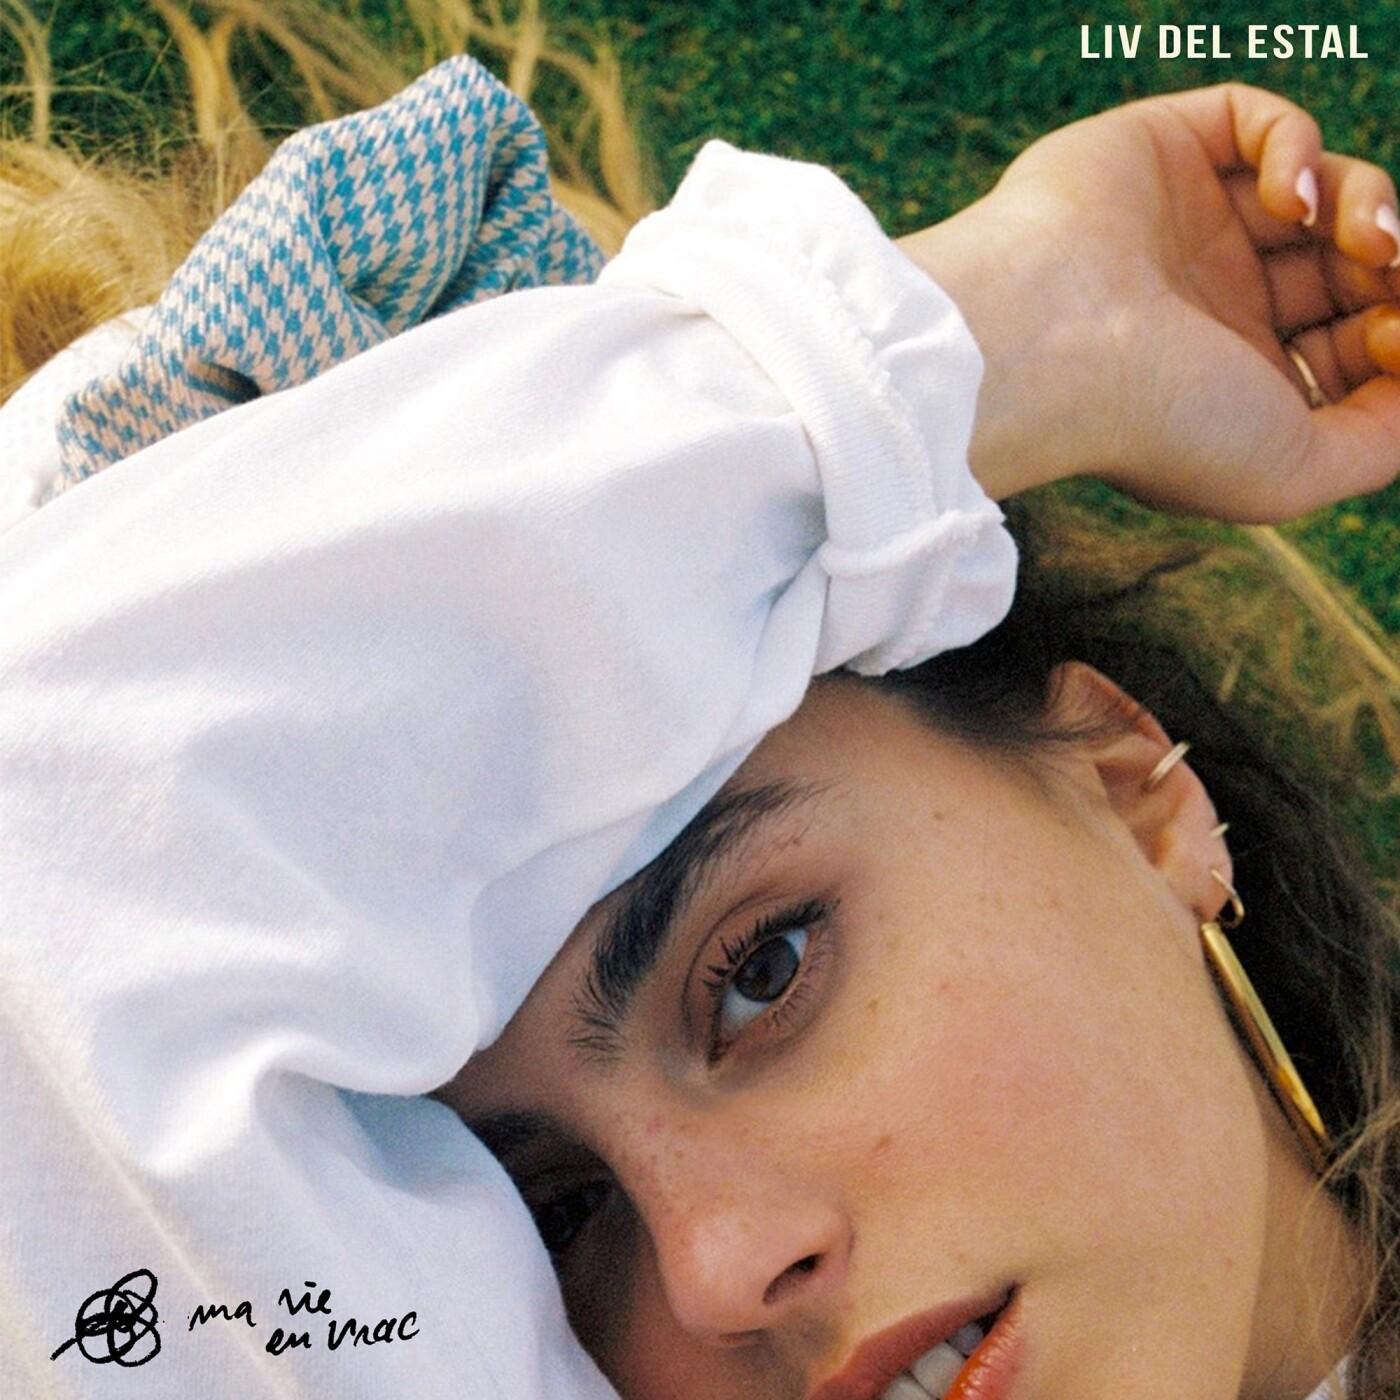 Artiste du jour : Liv Del Estal, pépite du jour, présente Pas fait Exprès - 10 06 2021 - StereoChic Radio